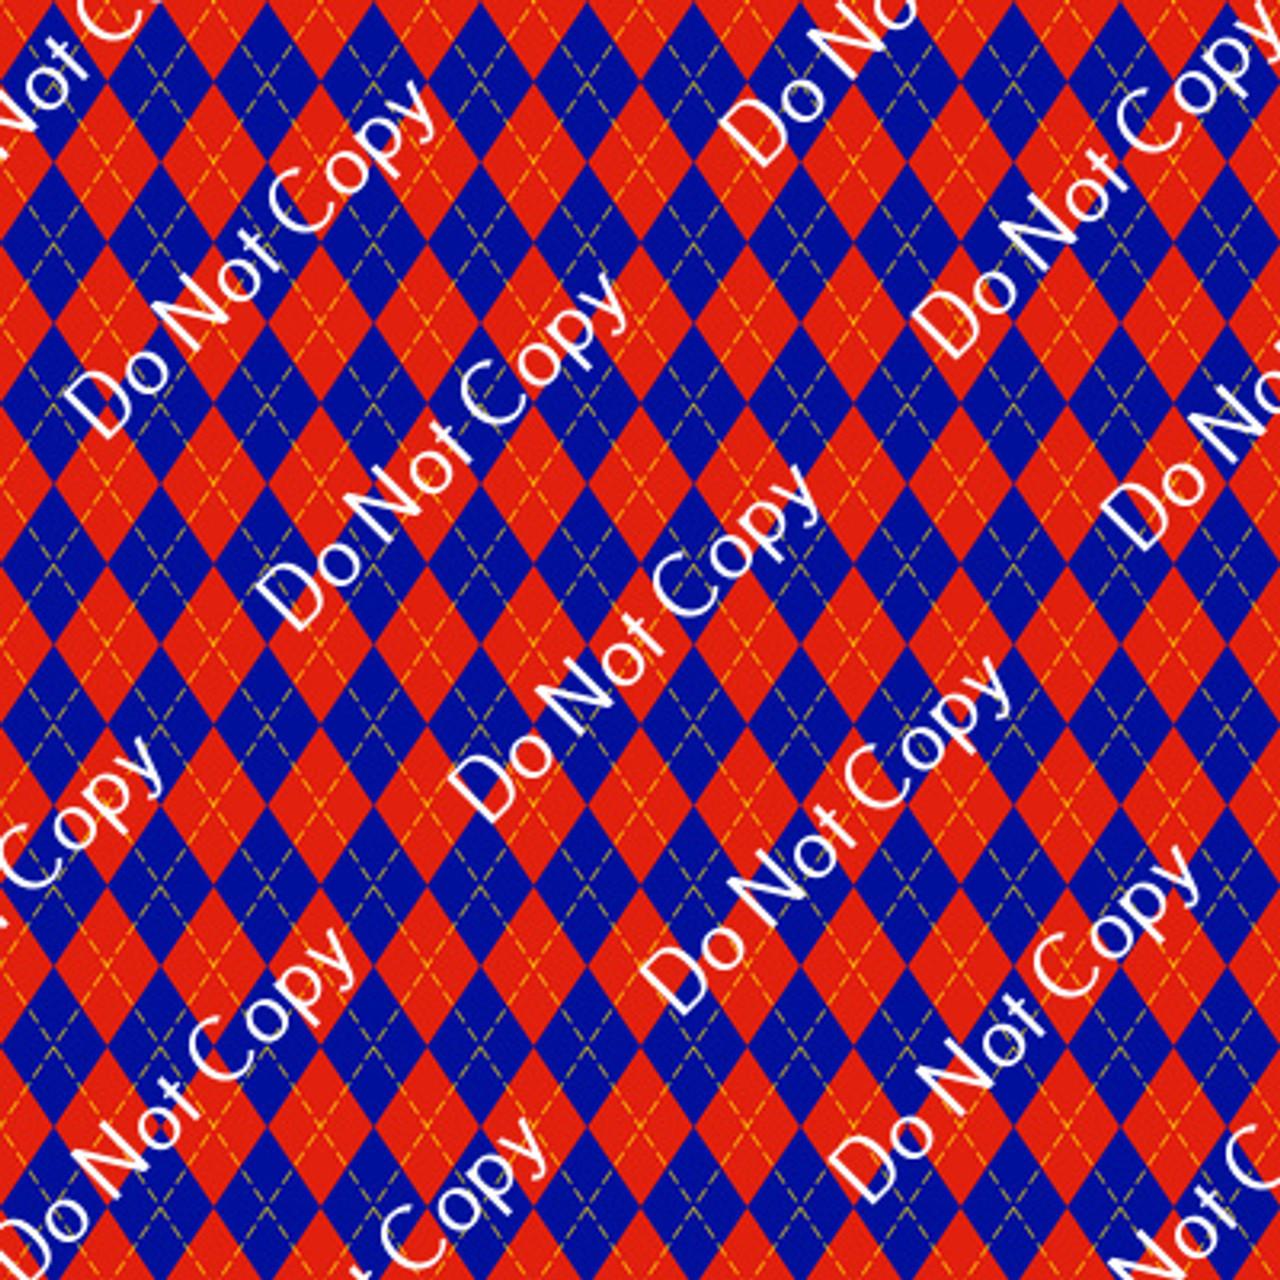 CDS Custom Printed Vinyl | AA Colorful Designs 10